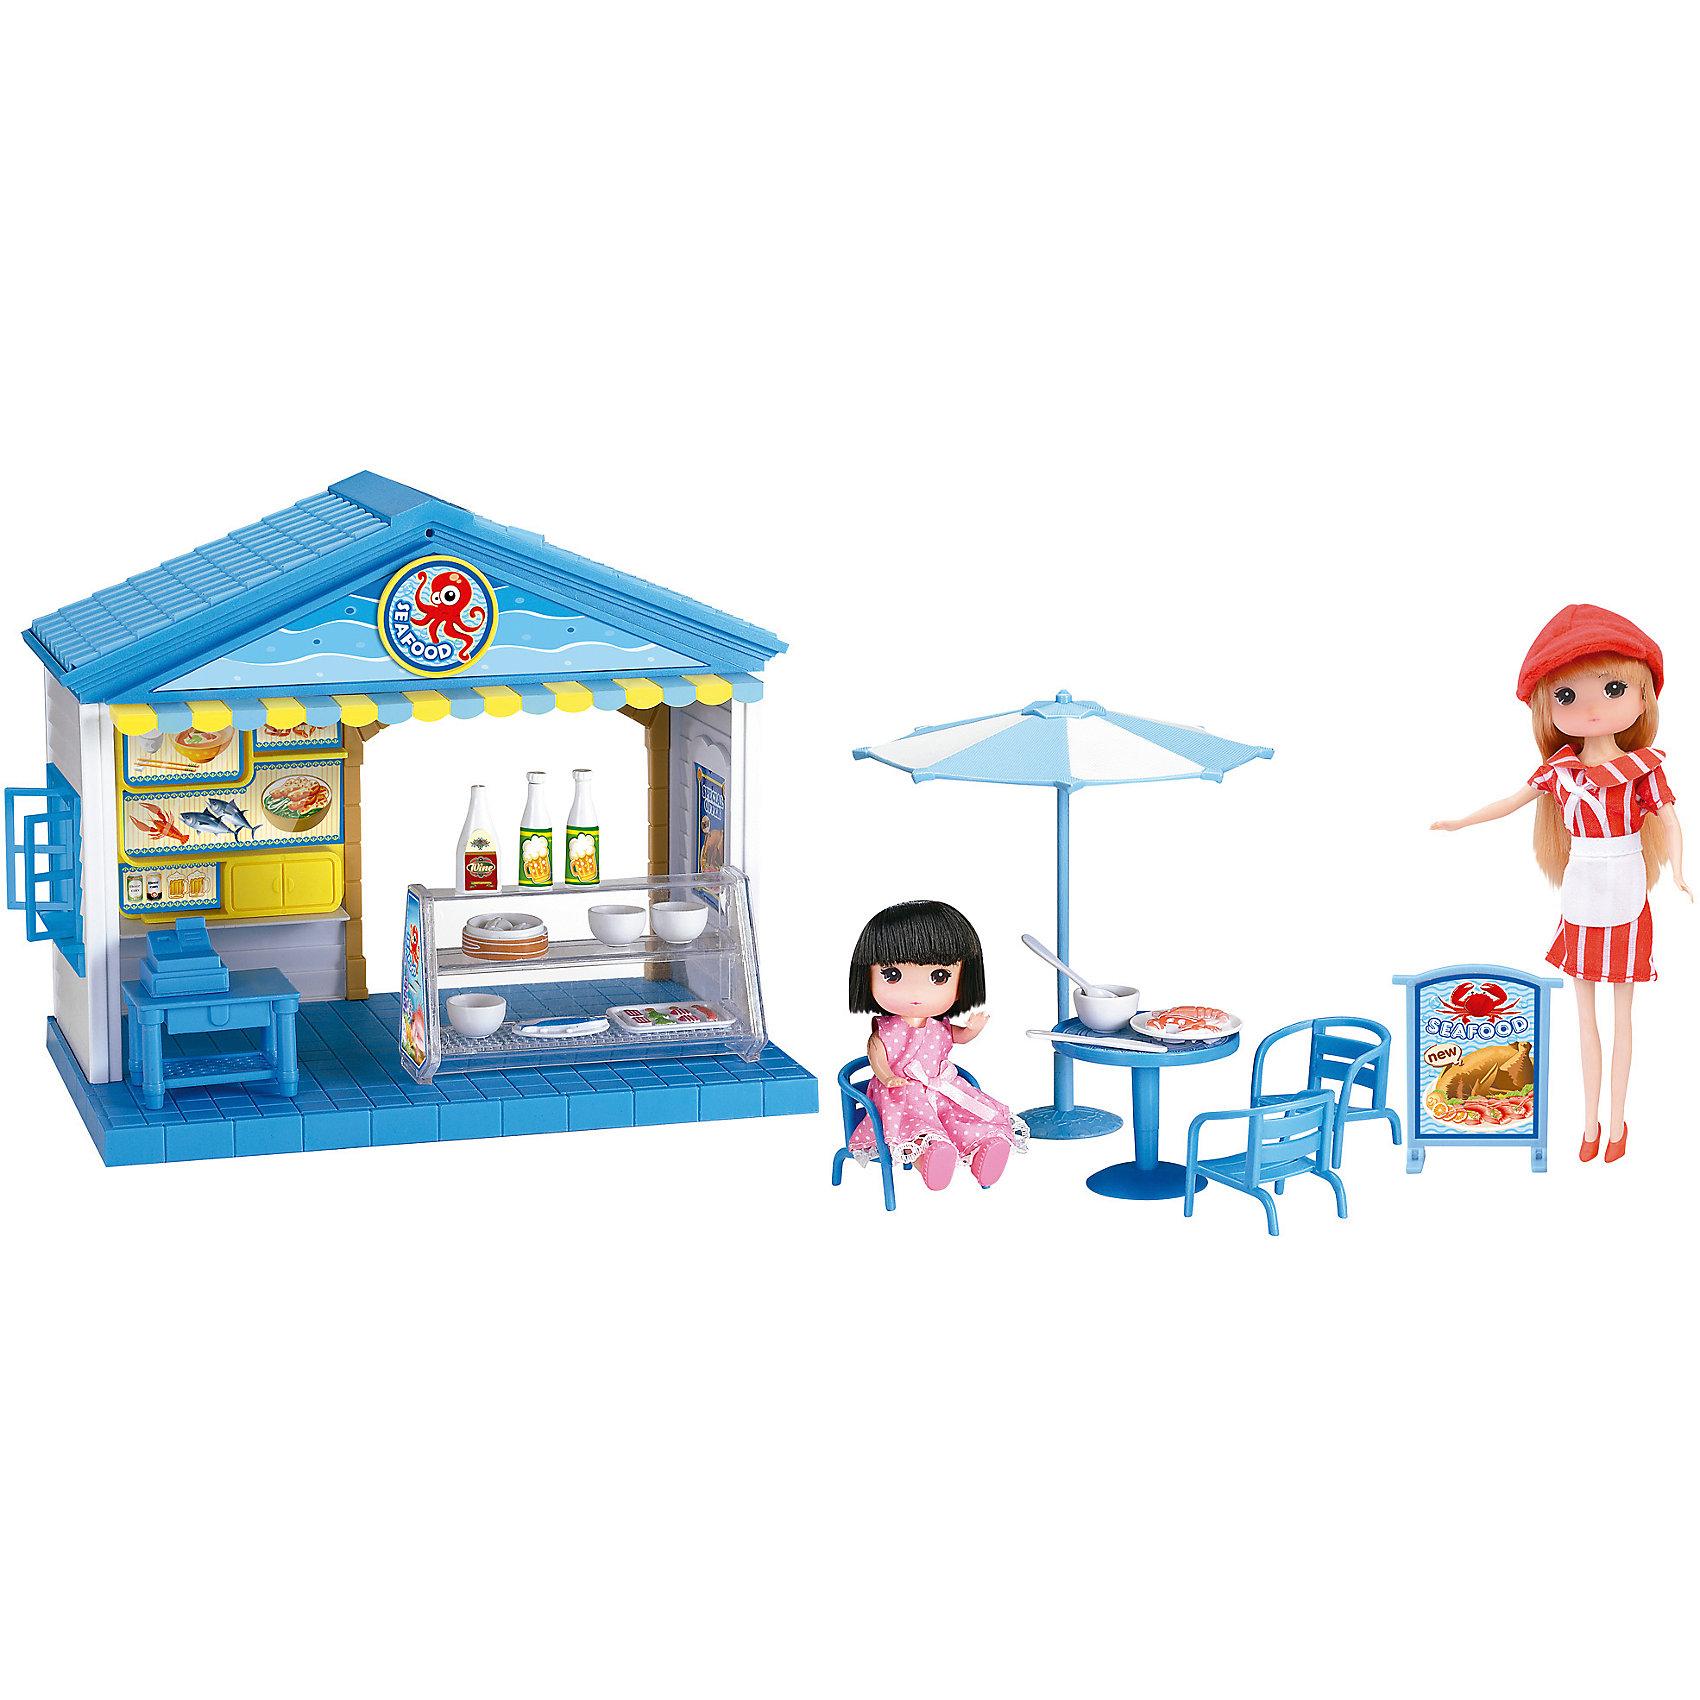 Игровой набор Кафе с куклами, KruttiЗабавная игра для девочек Кафе с куклами.<br>В наборе: кафе - 1шт. (24х21х15.5 см.), кукла - 2шт., стул - 3шт., стол - 2шт., зонтик - 1шт., вывеска - 1шт., касса - 1шт., витрина -1шт., корзина - 1шт., тарелка с едой - 2шт., поднос с едой - 1шт., стакан - 3шт., бутылка.<br><br>Дополнительная информация:<br><br>- Возраст: от 3 лет.<br>- Материал: пластик.<br>- Размер упаковки: 24х15.5х21 см.<br>- Вес в упаковке: 1867 г.<br><br>Купить игровой набор Кафе с куклами от Krutti, можно в нашем магазине.<br><br>Ширина мм: 240<br>Глубина мм: 155<br>Высота мм: 210<br>Вес г: 1867<br>Возраст от месяцев: 36<br>Возраст до месяцев: 2147483647<br>Пол: Унисекс<br>Возраст: Детский<br>SKU: 4985464